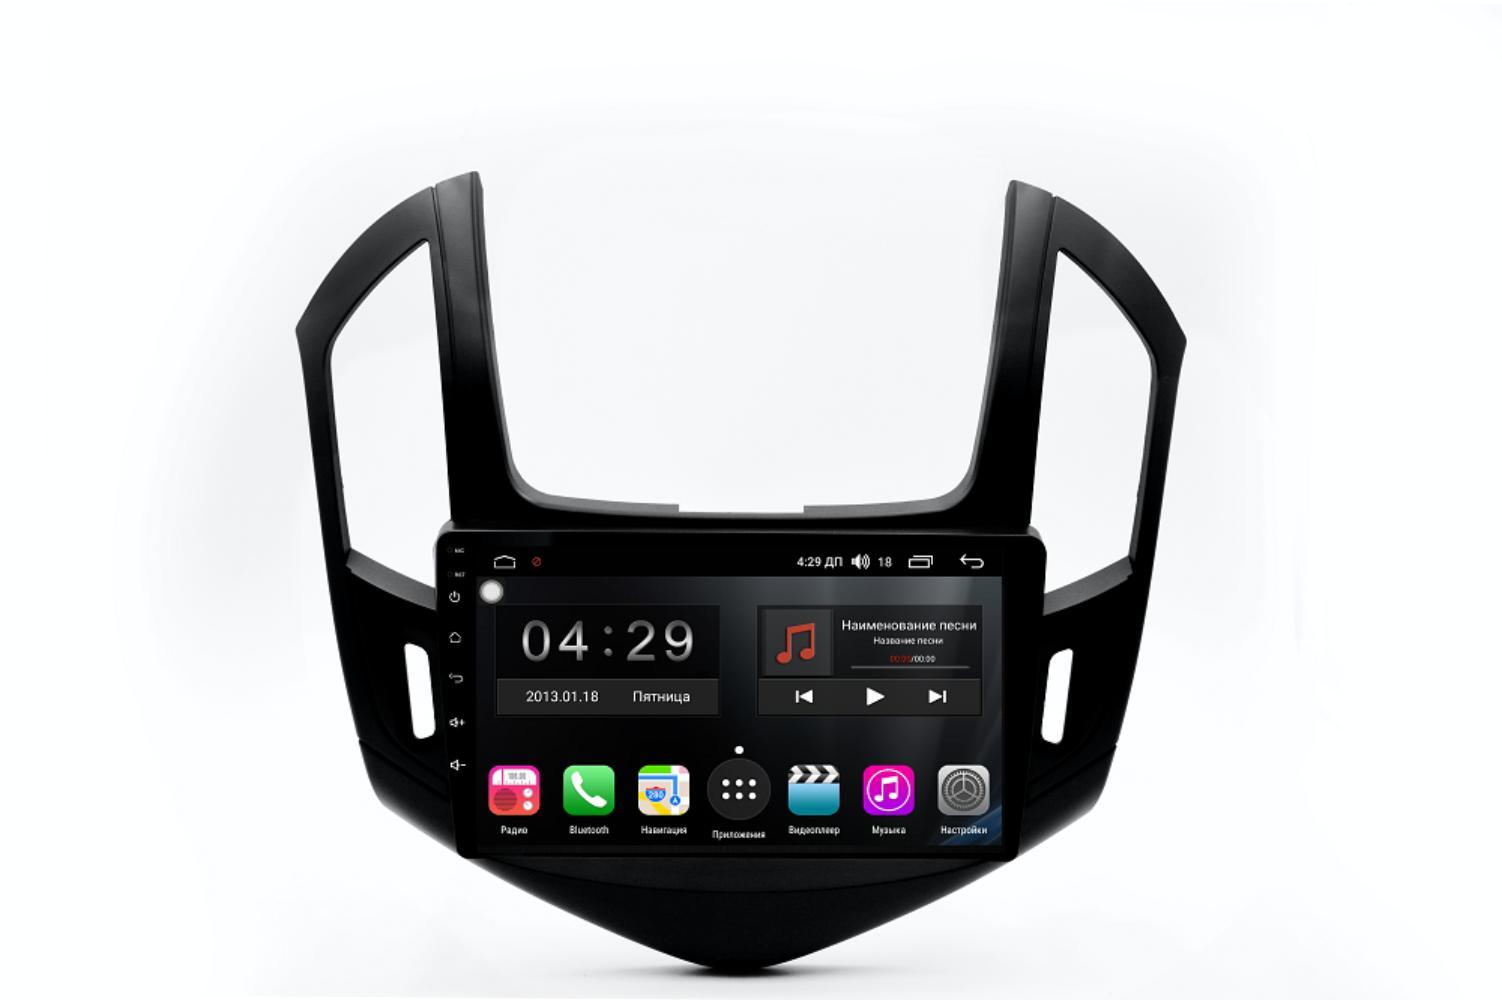 Штатная магнитола FarCar s195 для Chevrolet Cruze на Android (LX261R) (+ Камера заднего вида в подарок!)